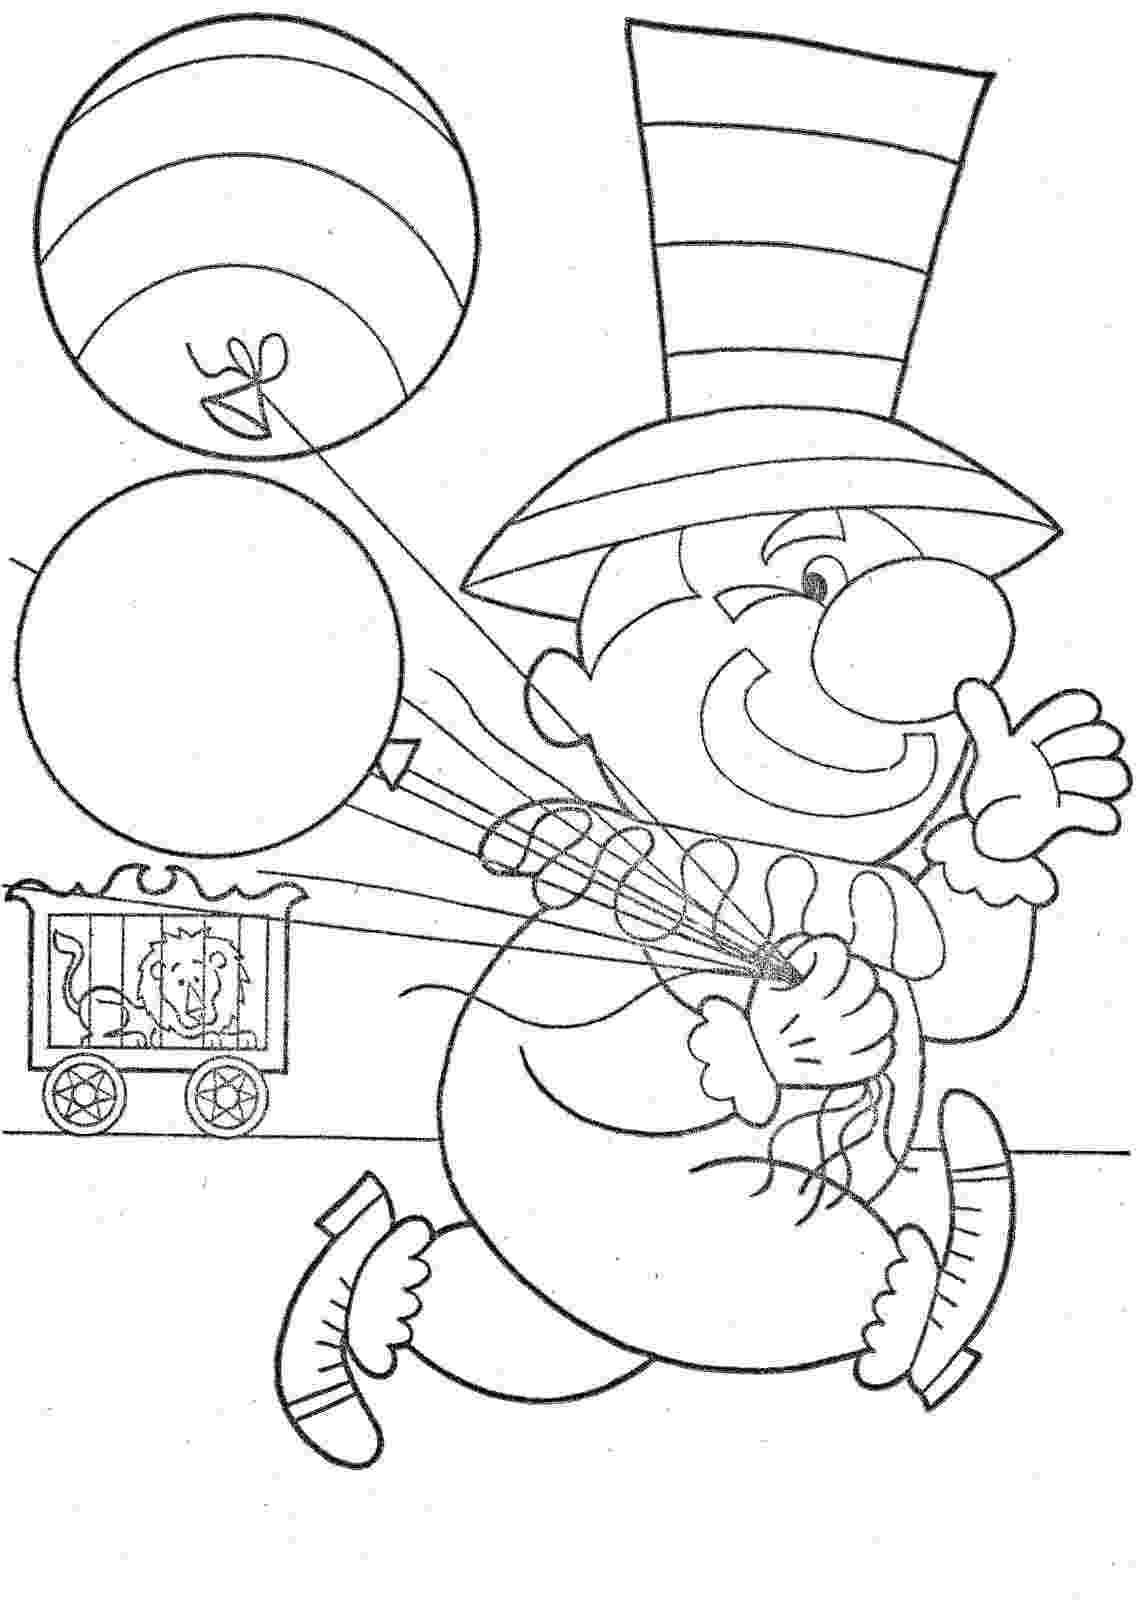 imagenes de payasos con globos para colorear clip art payaso con globos k20667097 buscar clip art de con imagenes colorear payasos globos para